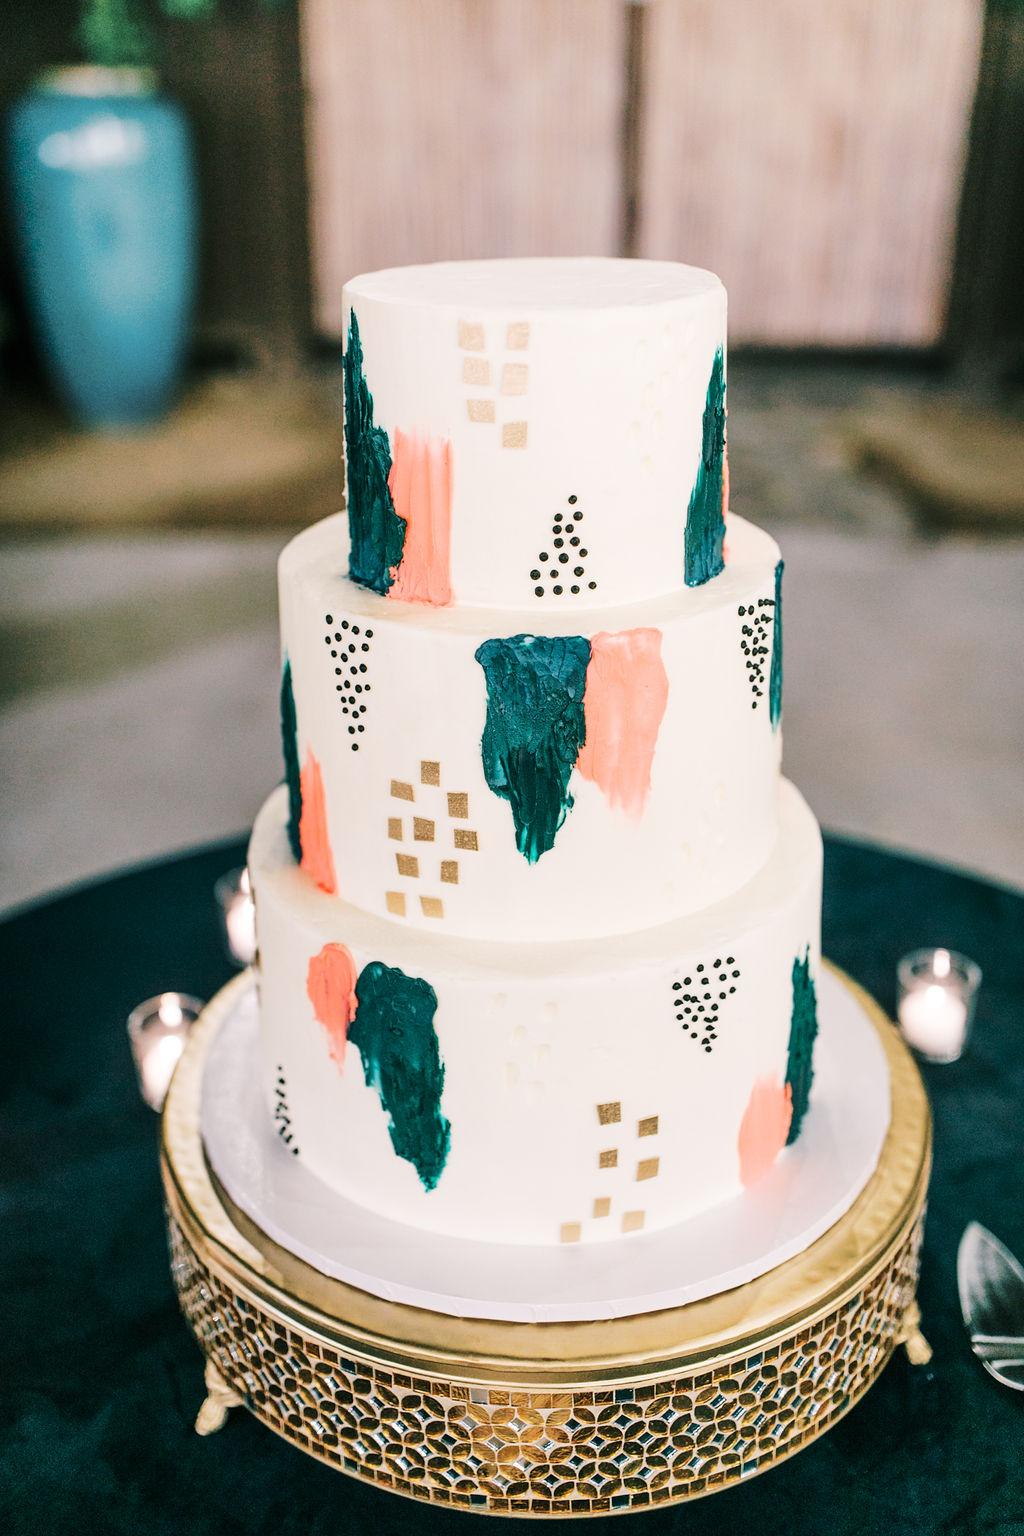 meagan robert wedding cake modern patterns